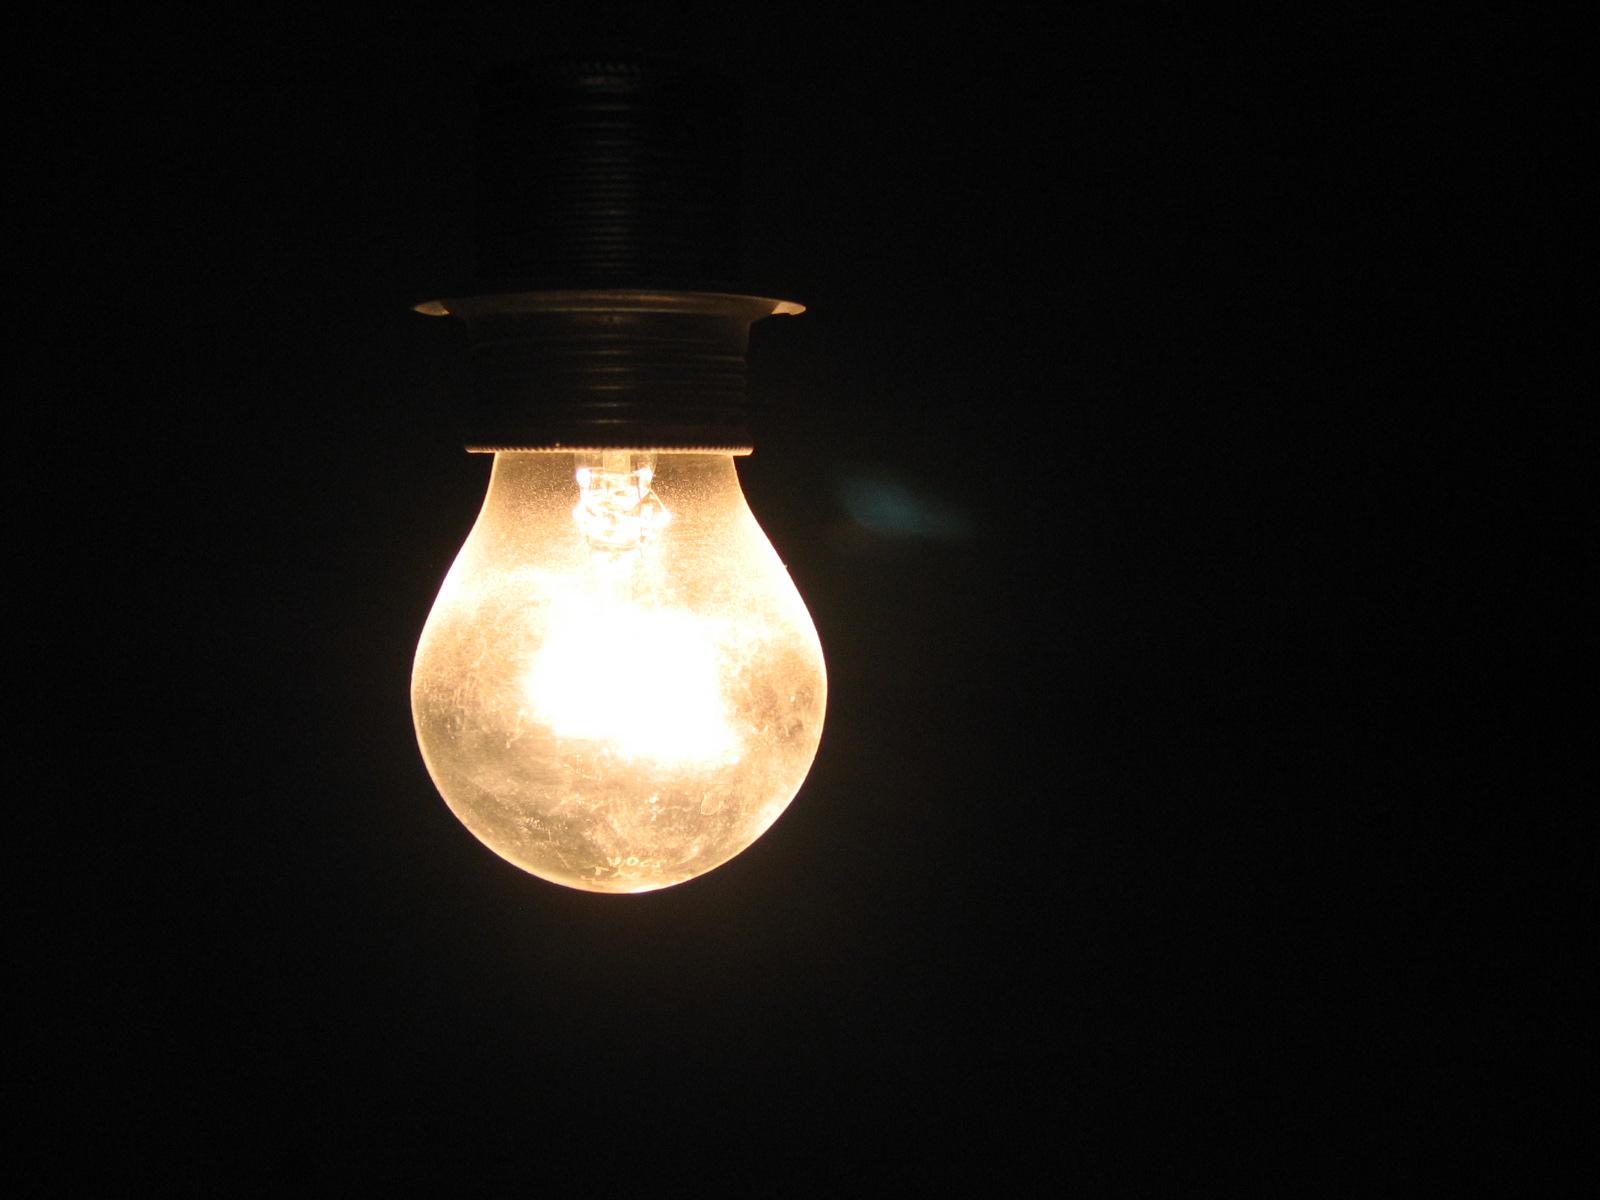 В Севастополе потребителям перестали отключать электричество по утрам